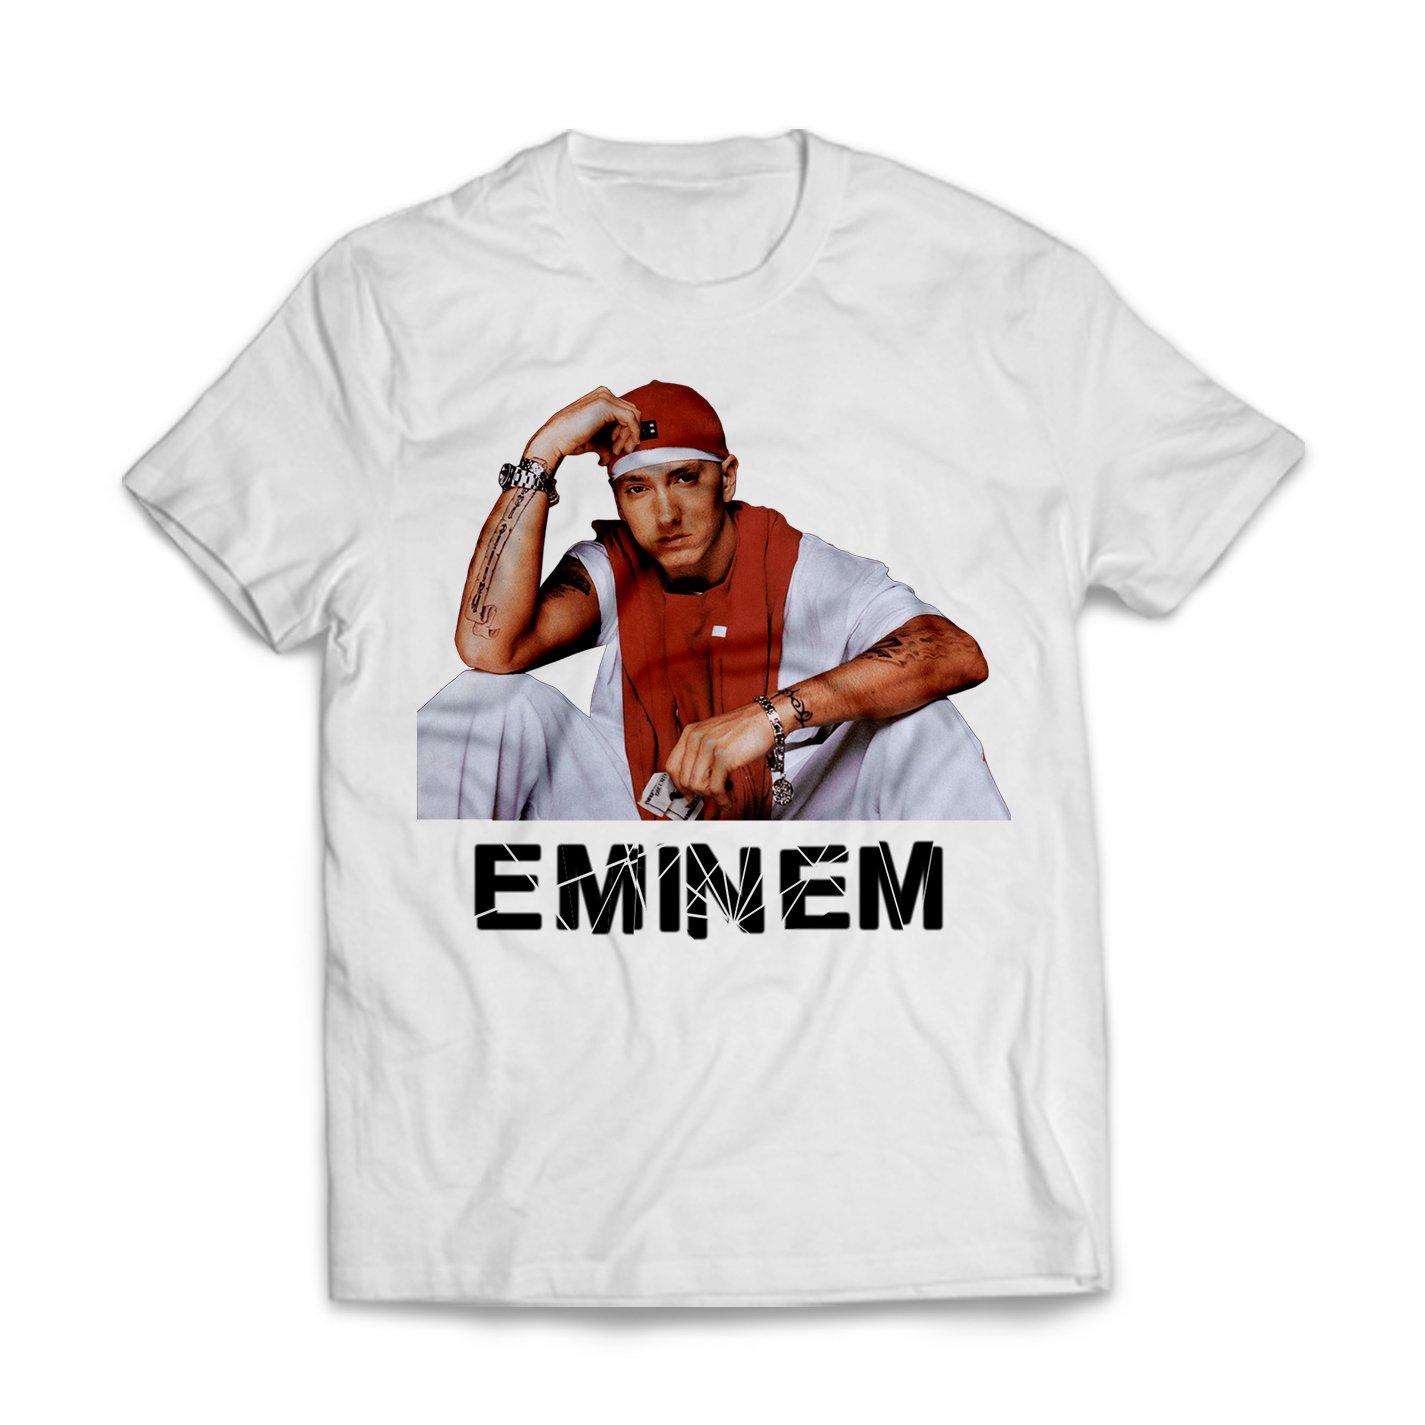 Publiassia Stamperia Eminem T- Shirt 5 Hip Hop Rap Maglietta Uomo Donna  Slim Shady 2018 Concerto Tour Maglia Idea Regalo  Amazon.it  Abbigliamento eabf440111c5